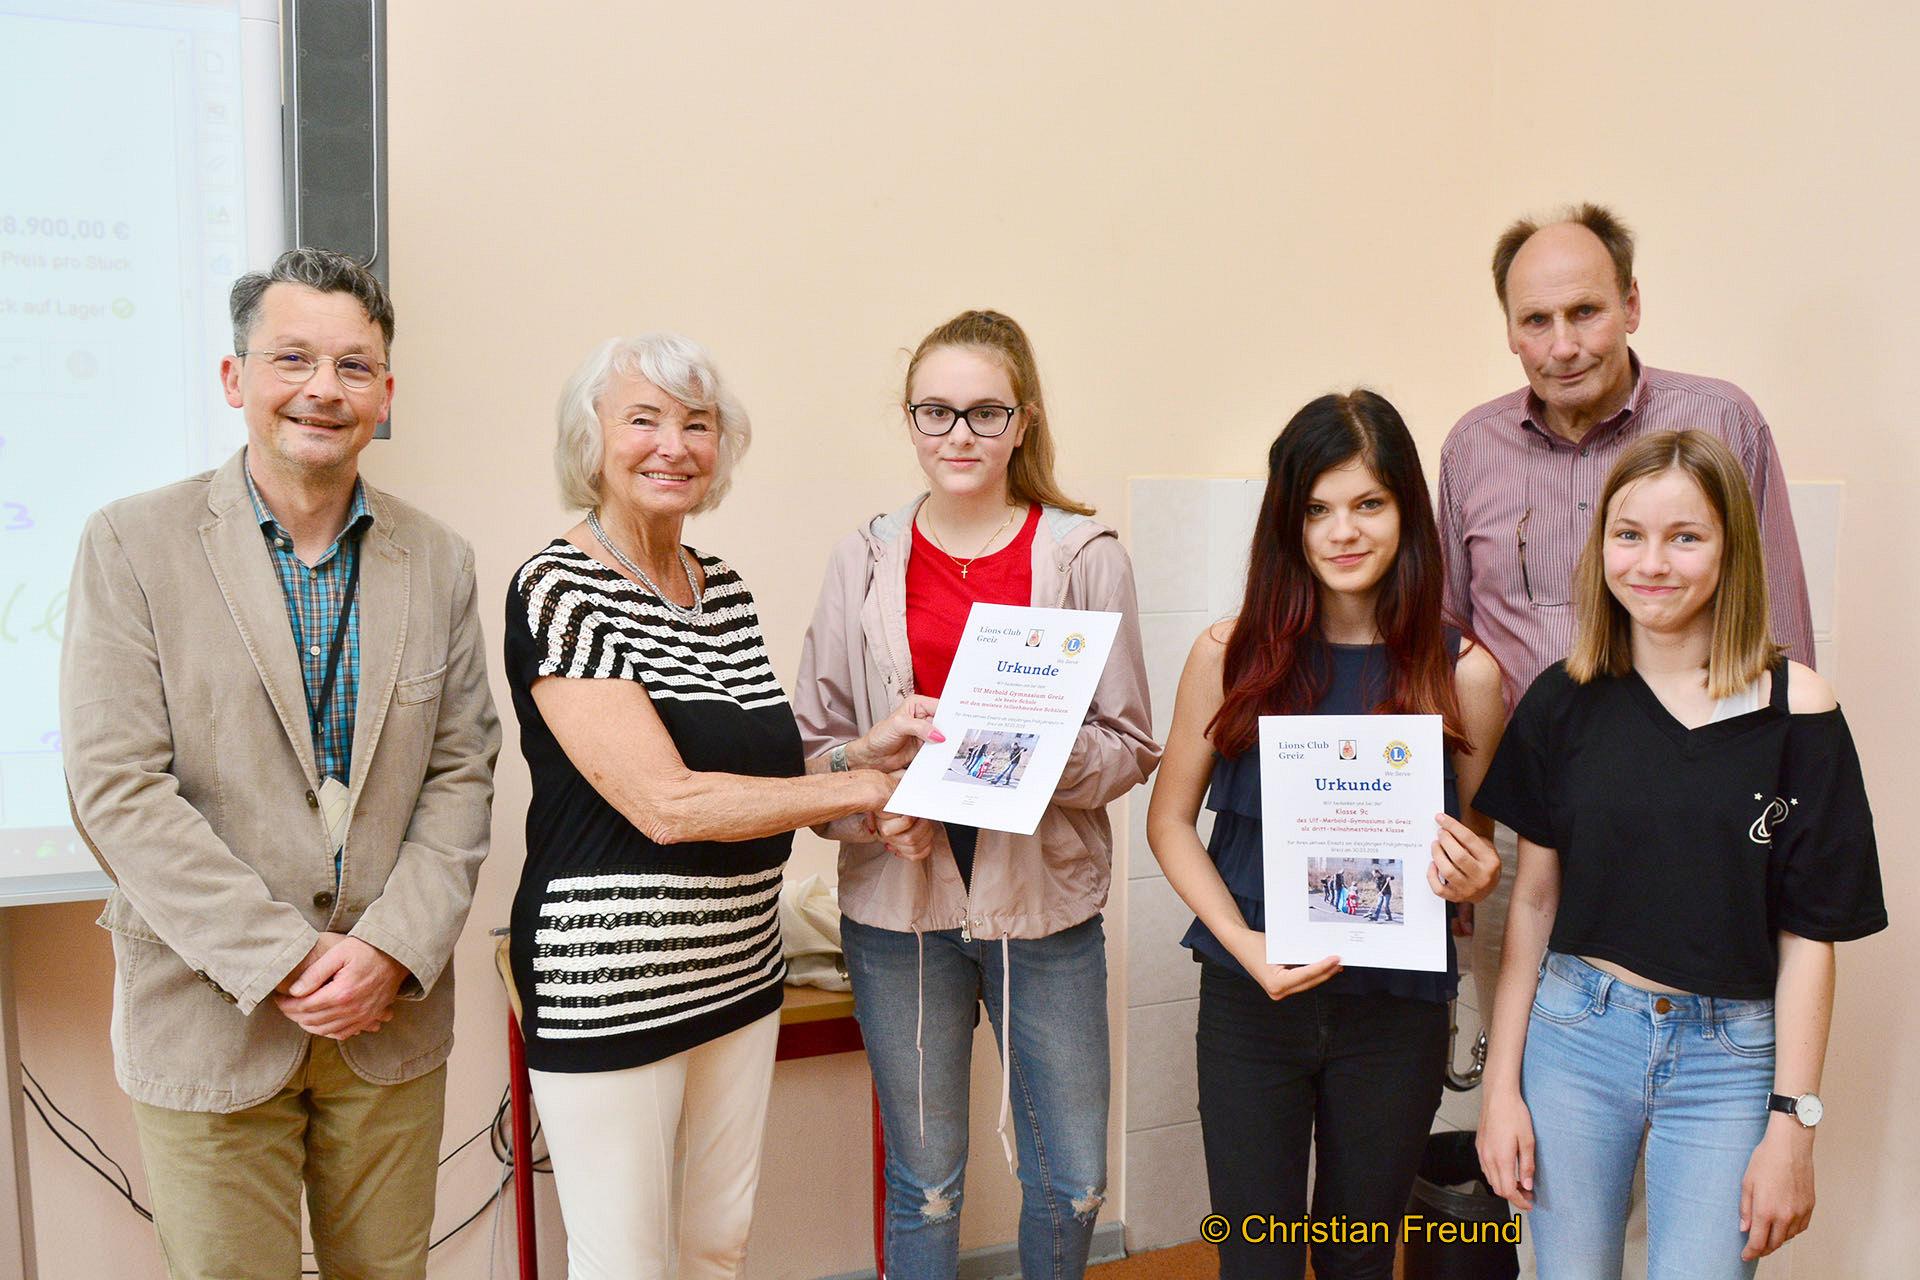 Die Klasse 9c bekam 15 Euro. Der Oberstufenleiter Michael Kirbach (links) freute sich über die Prämie für die Schule als eine der besten Teilnehmer am Frühjahrsputz 100 euro